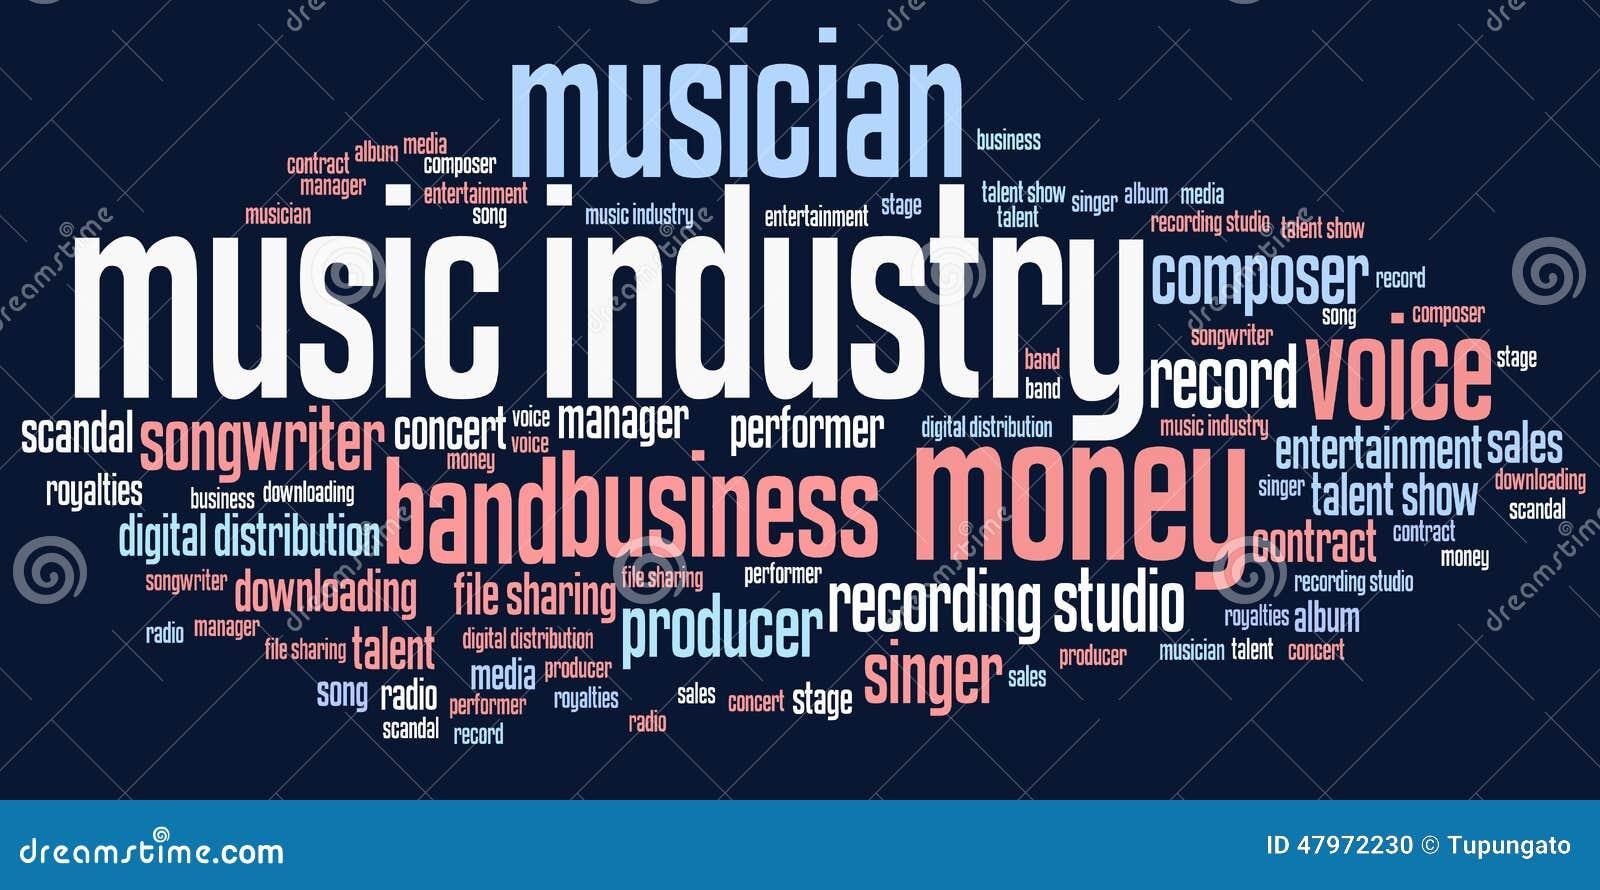 Entertainment Business Plans